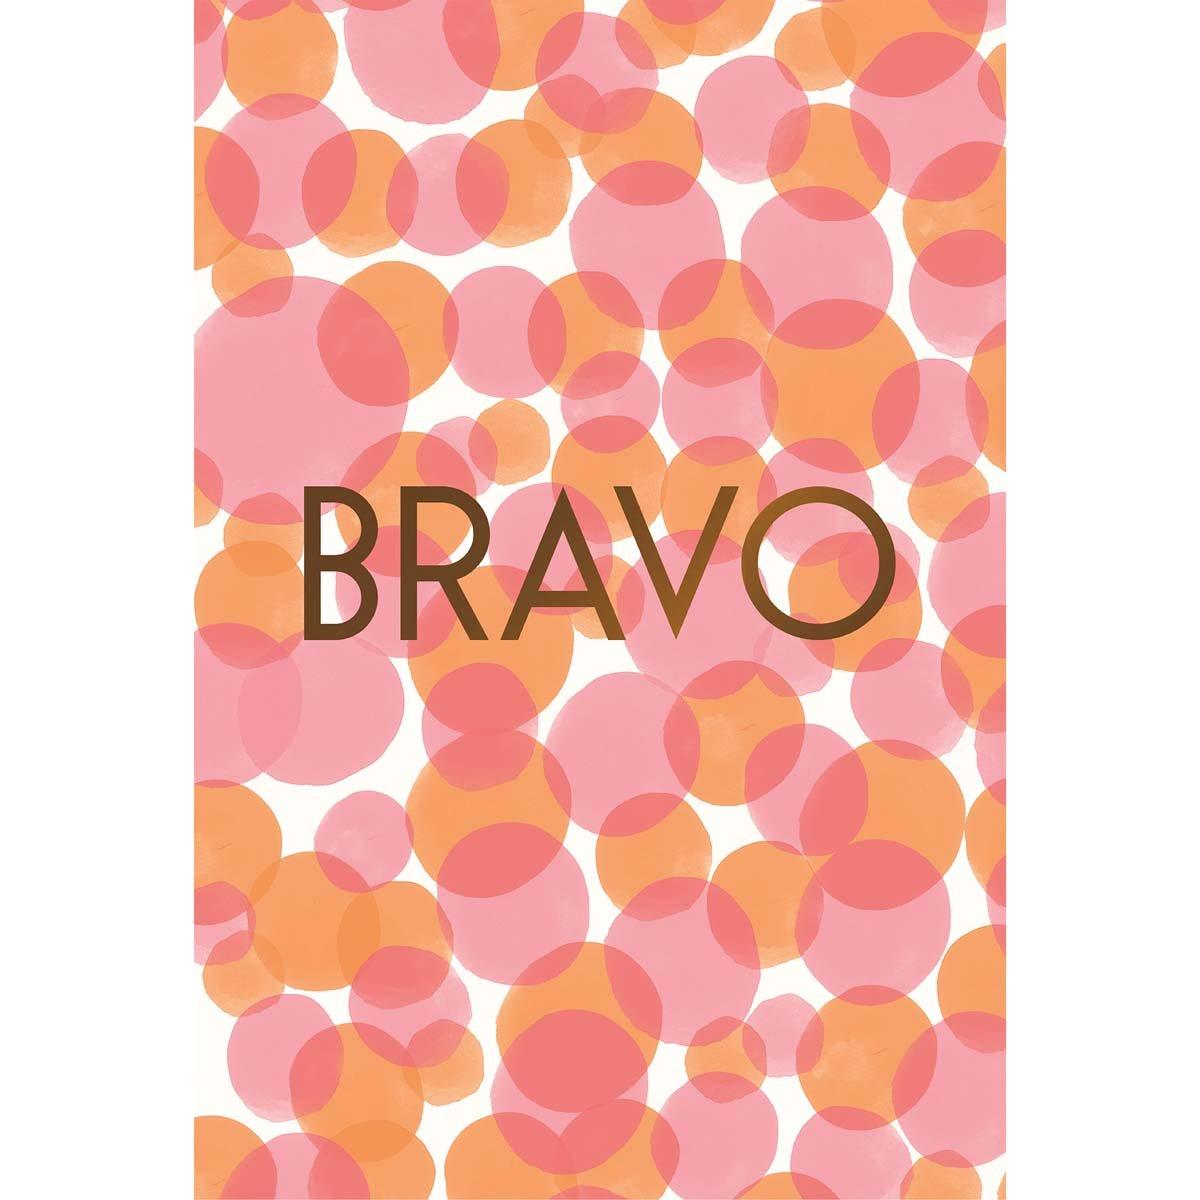 Carte de voeux bravo imprimé rose orange